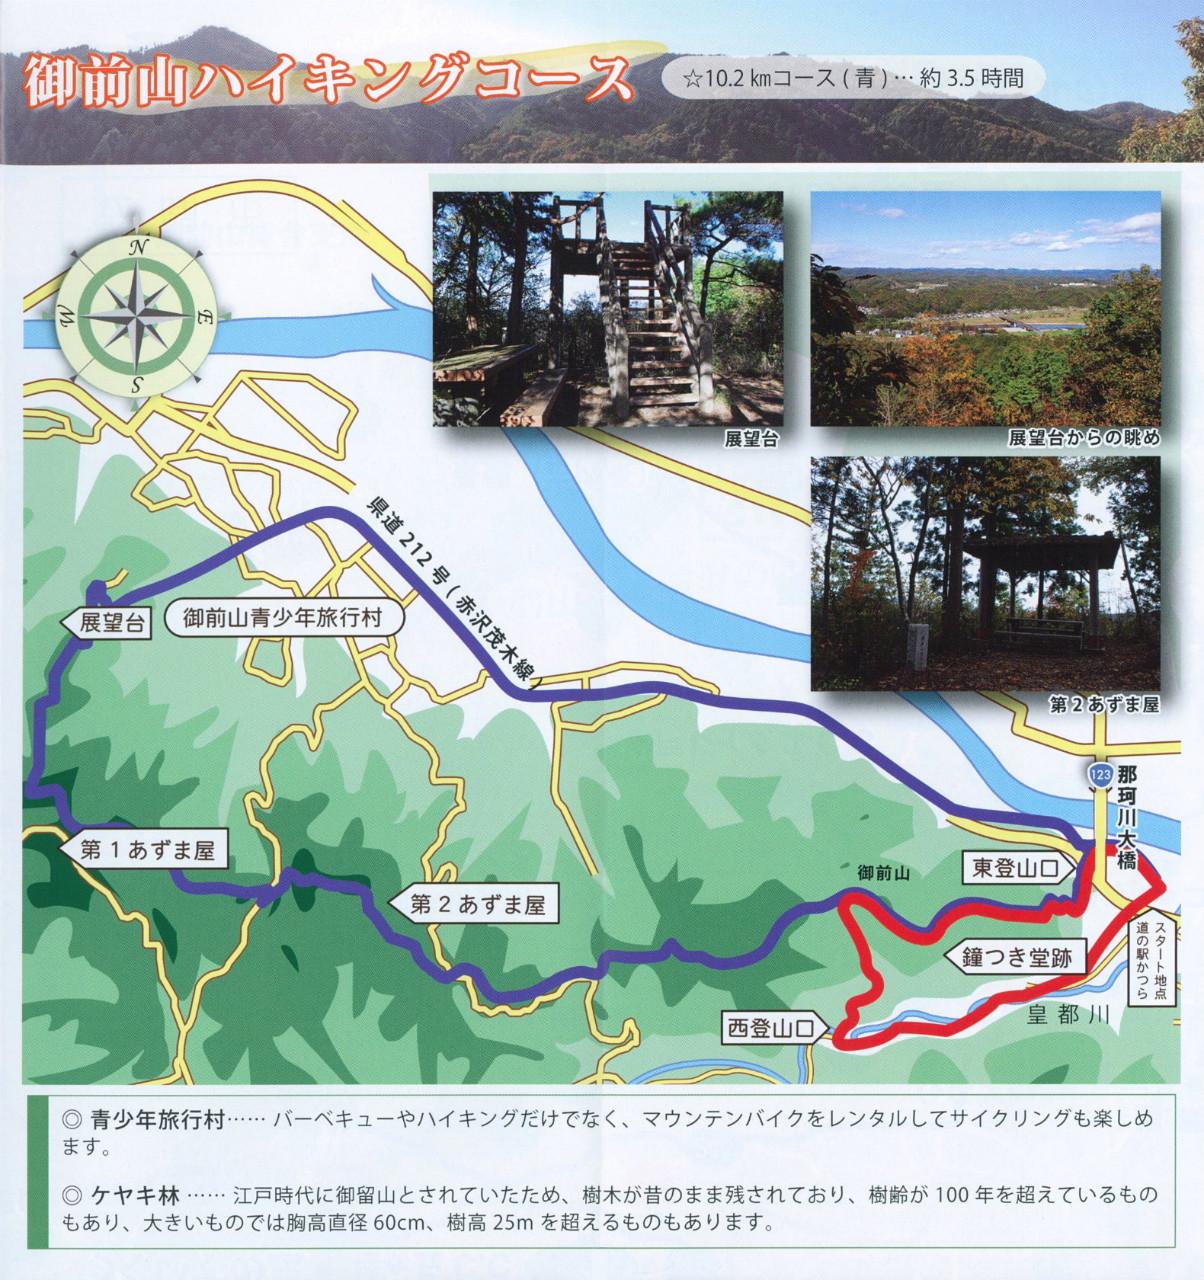 『御前山ハイキング10.2kmコース』の画像